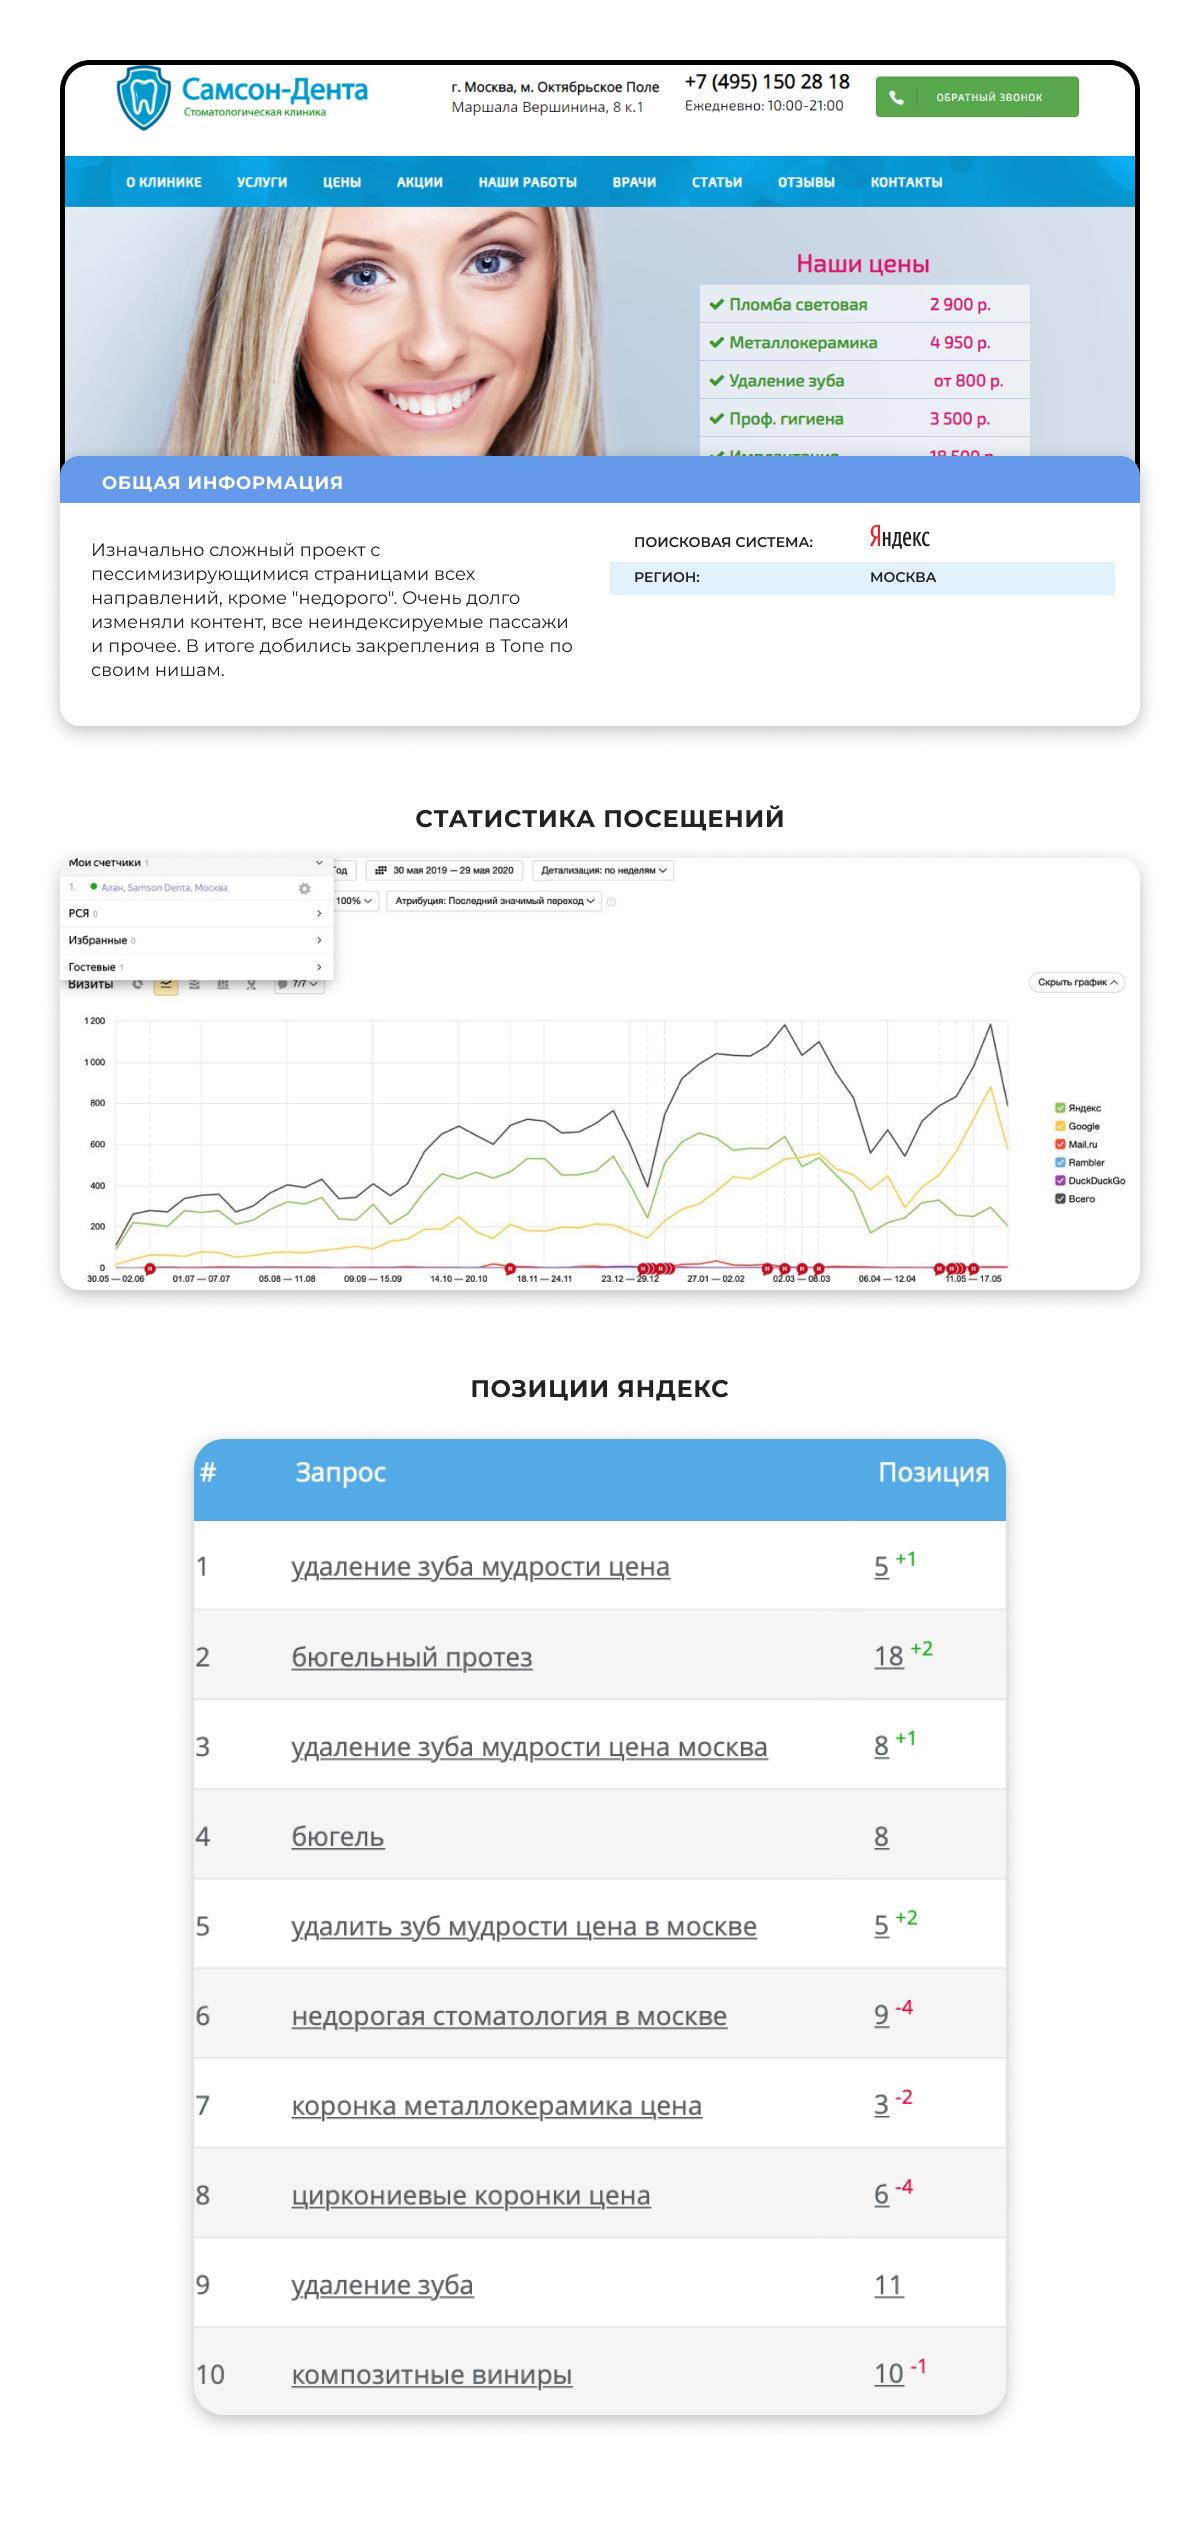 Стоматология Москва недорого - ТОП 1